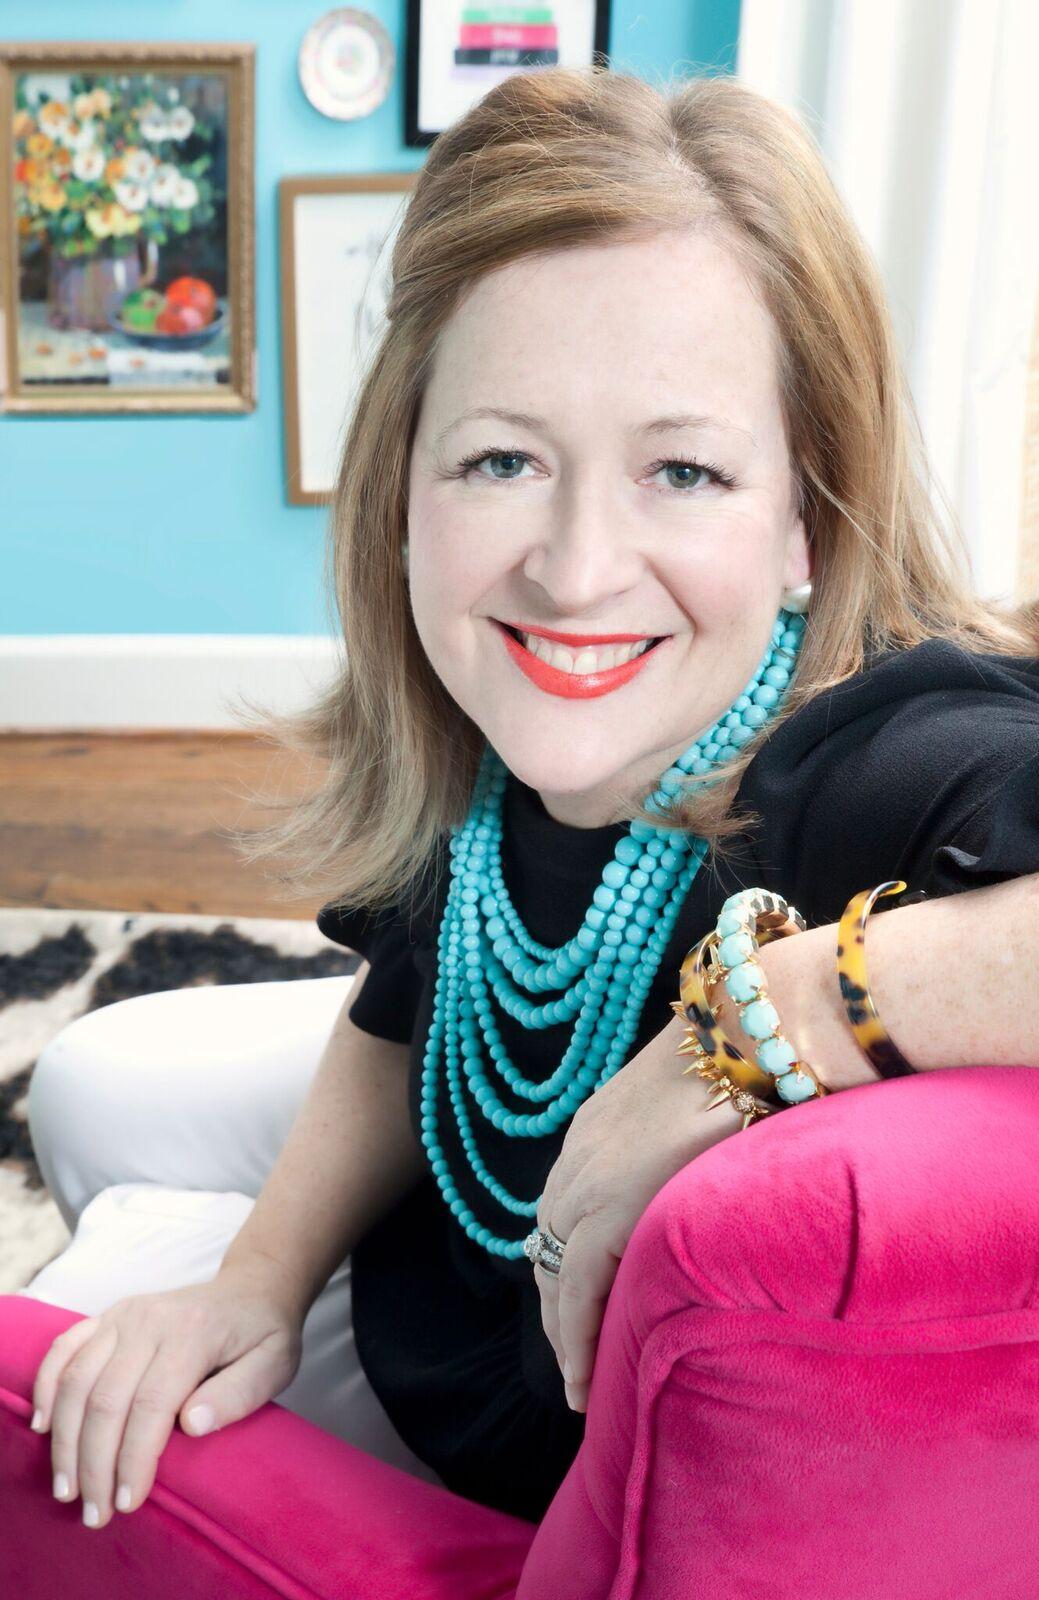 Paige Minear